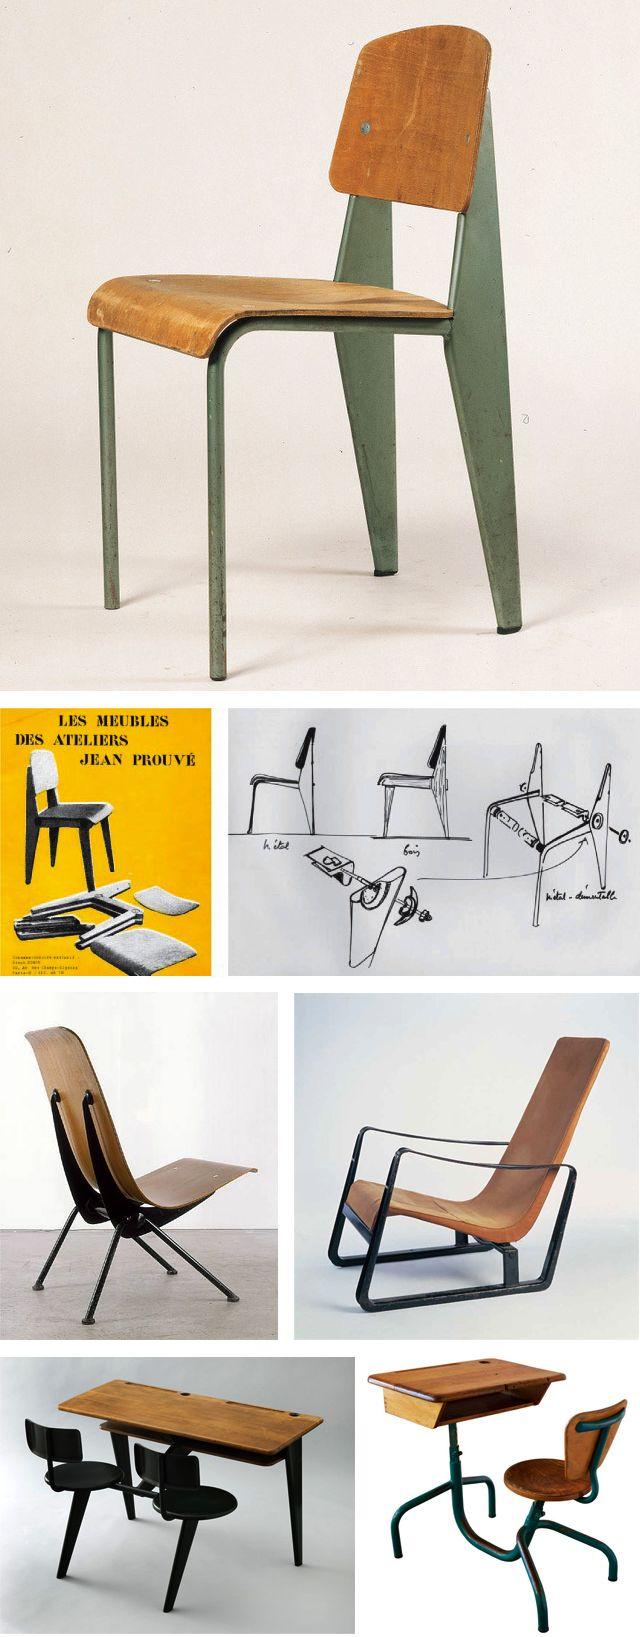 chaise standard fauteuil l ger fauteuil cit bureau d 39 cole bureau d 39 enfant jean prouv. Black Bedroom Furniture Sets. Home Design Ideas